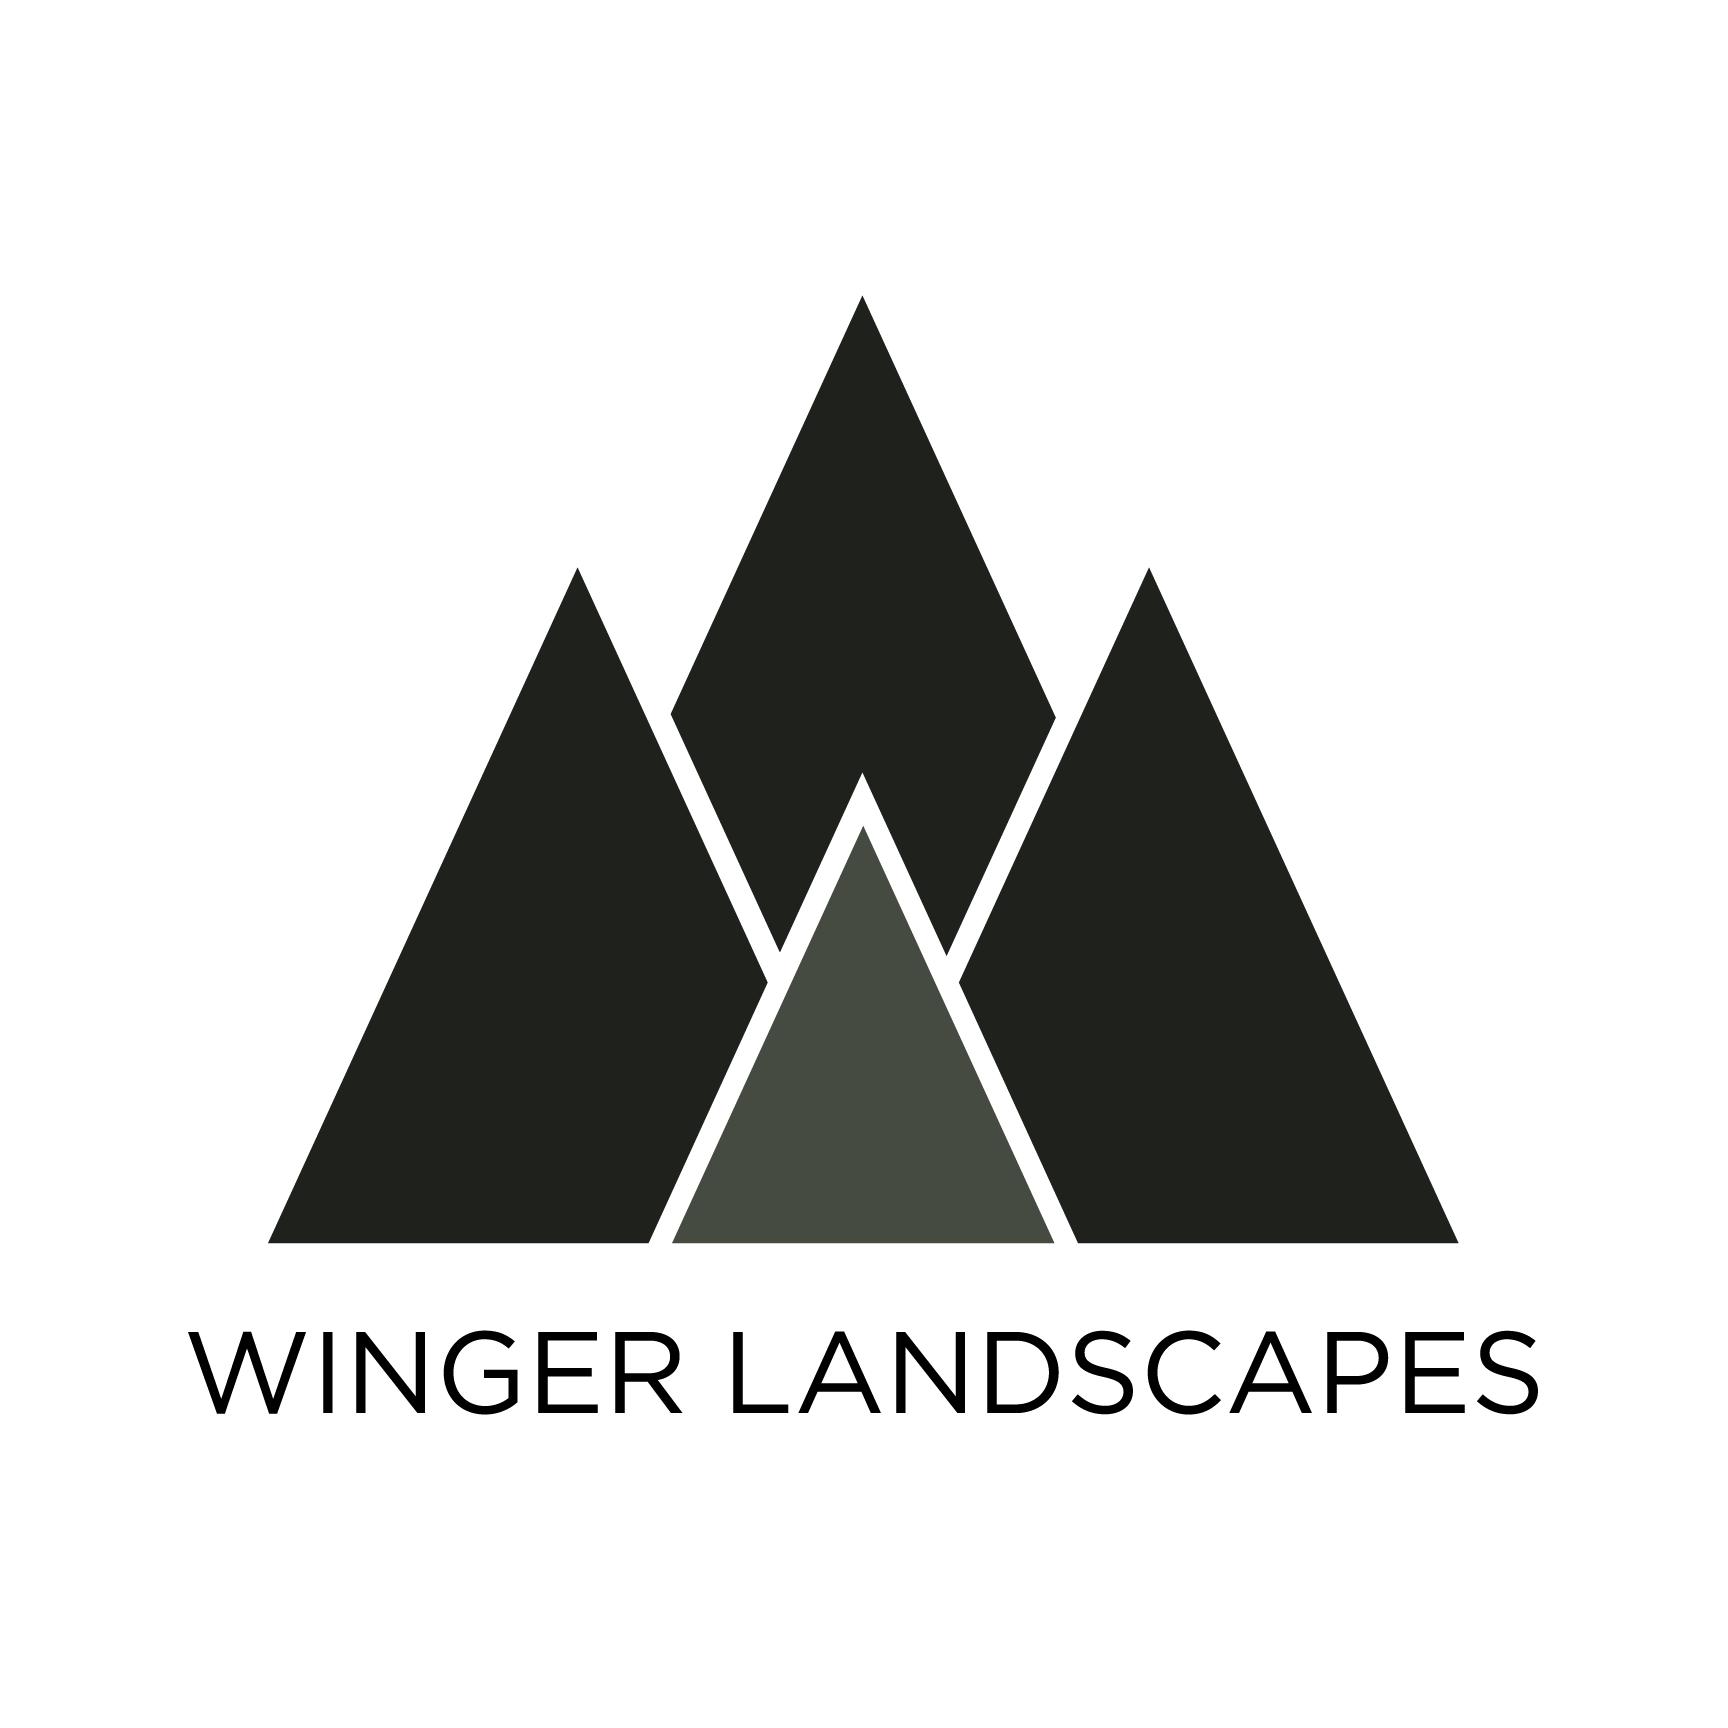 WINGER LANDSCAPES